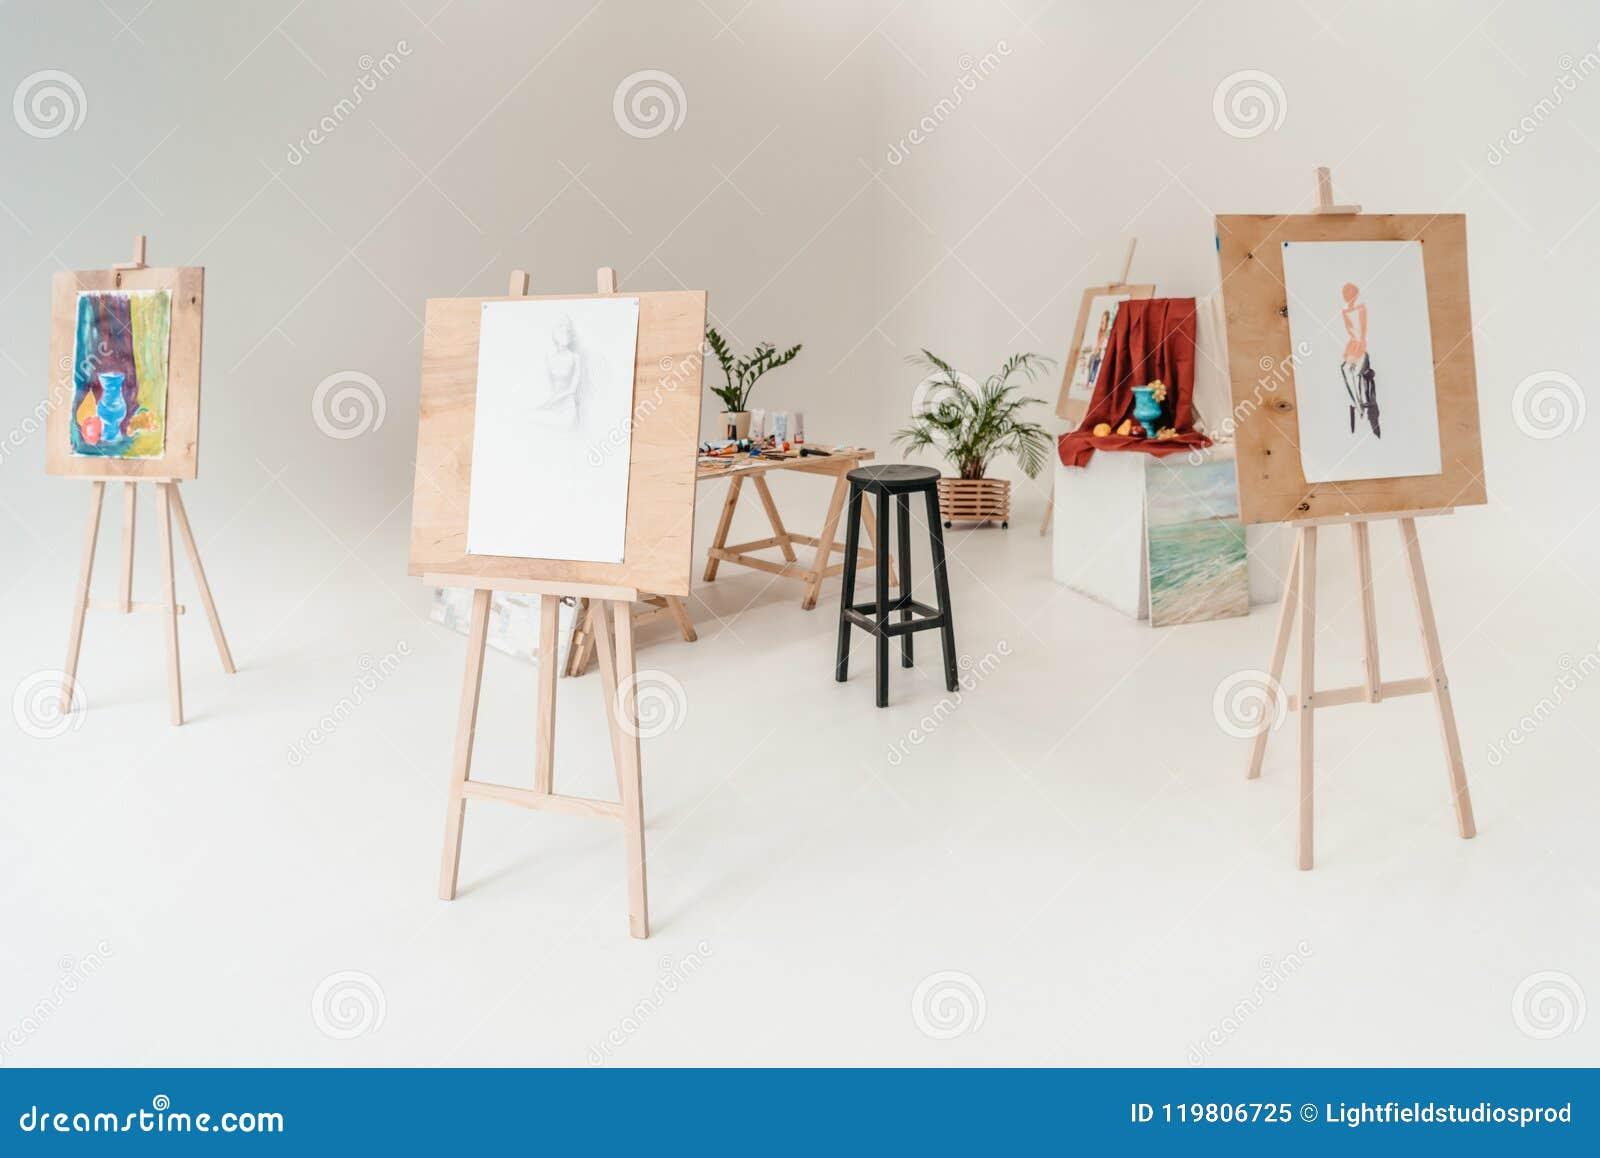 有绘画的画架在空